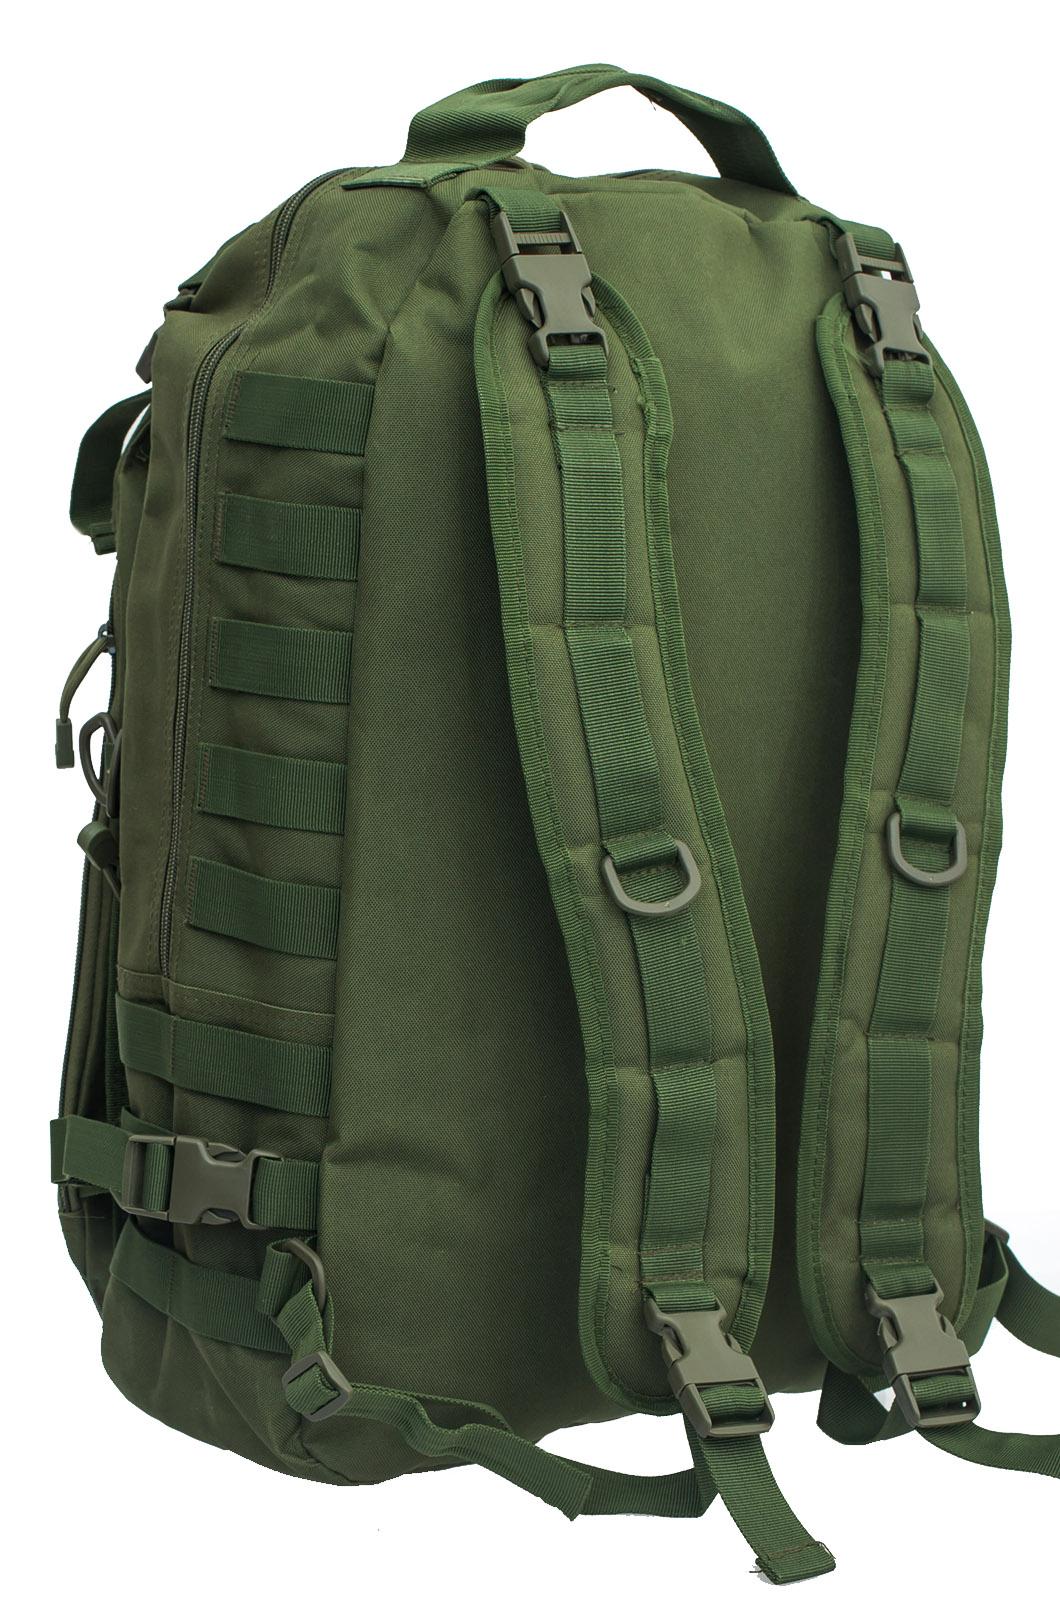 Мужской вместительный рюкзак с нашивкой Ни Пуха ни Пера - заказать в подарок